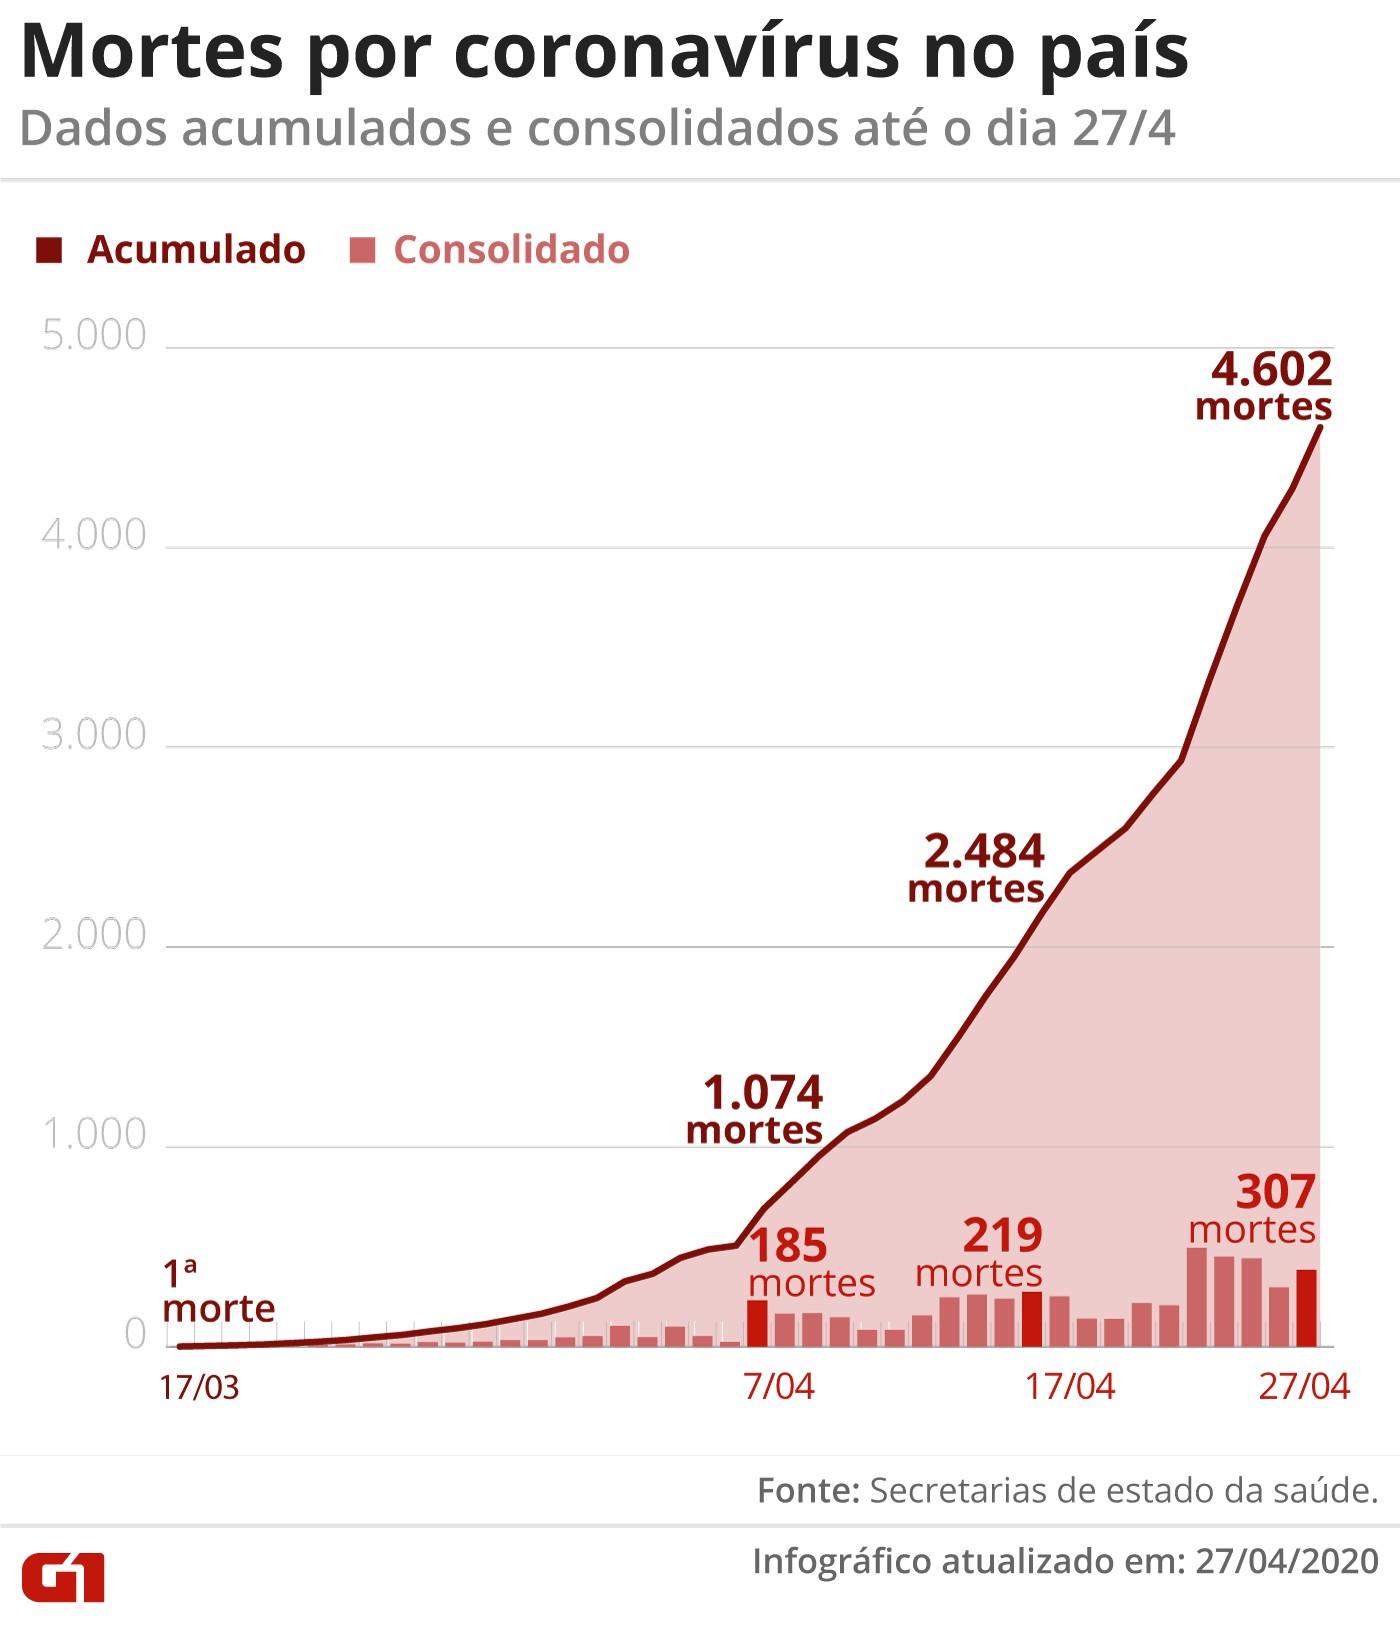 Casos de coronavírus e número de mortes no Brasil em 28 de abril